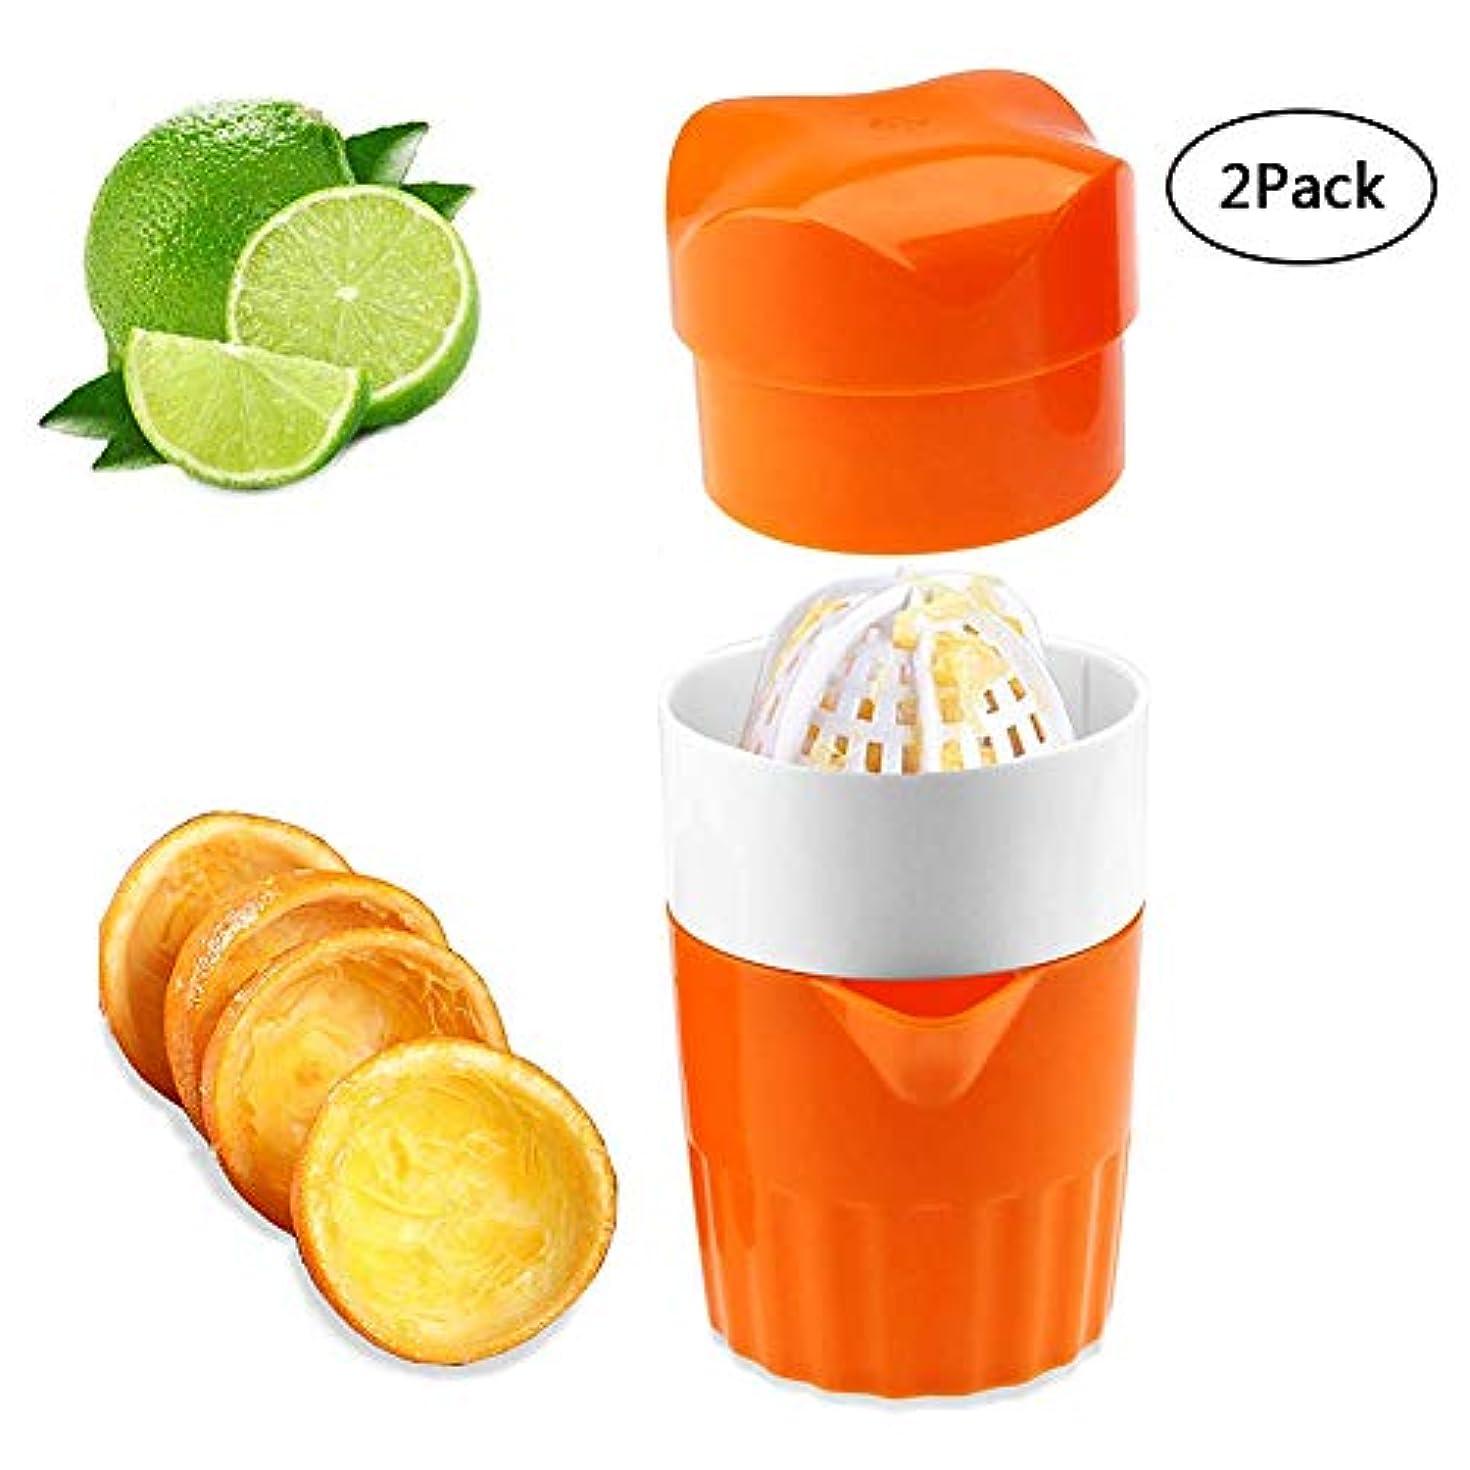 恐怖トーン救急車手動ジューサー、ポータブル柑橘類ジューサー、フィルターとレモンシトラスグレープフルーツ(2個セット)のコンテナーと100%オリジナルジュース子健康ジューサー、BPAなし